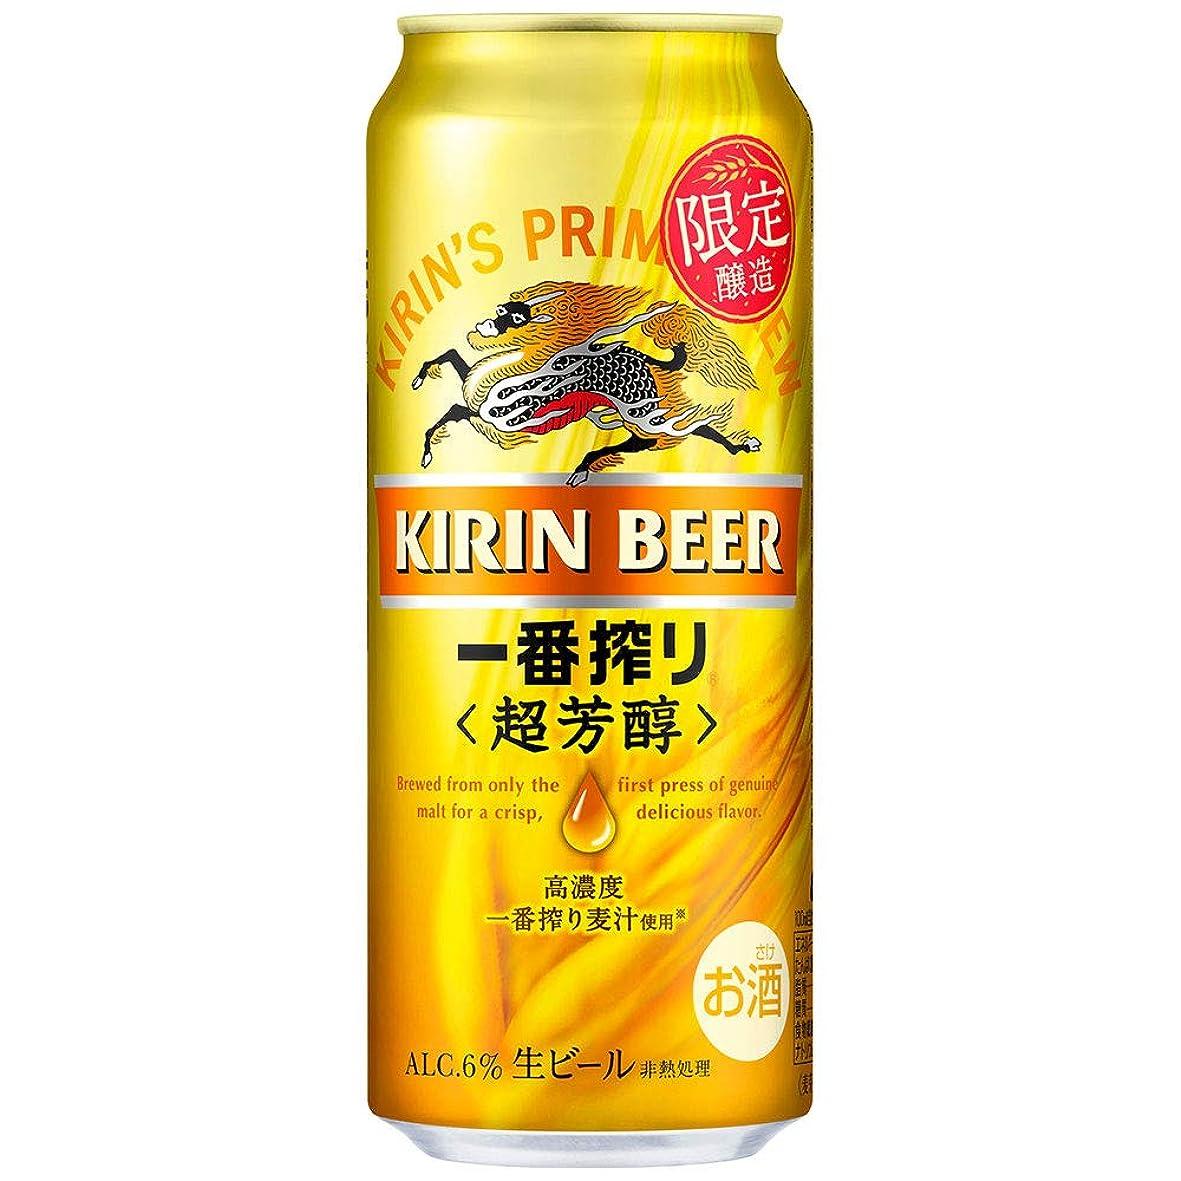 静けさ欠席溢れんばかりのビール 一番搾り 超芳醇 キリン 500ml 24本 1ケース